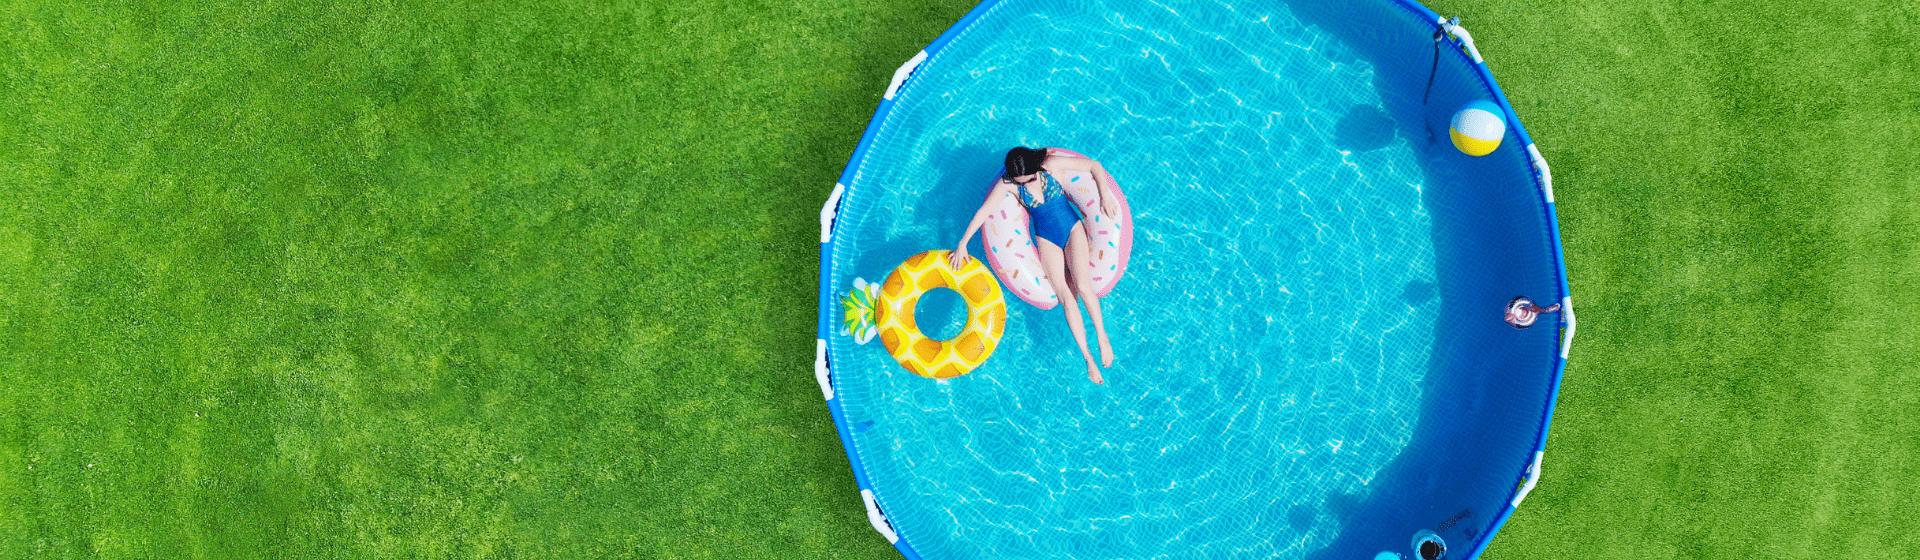 Como escolher a piscina ideal?